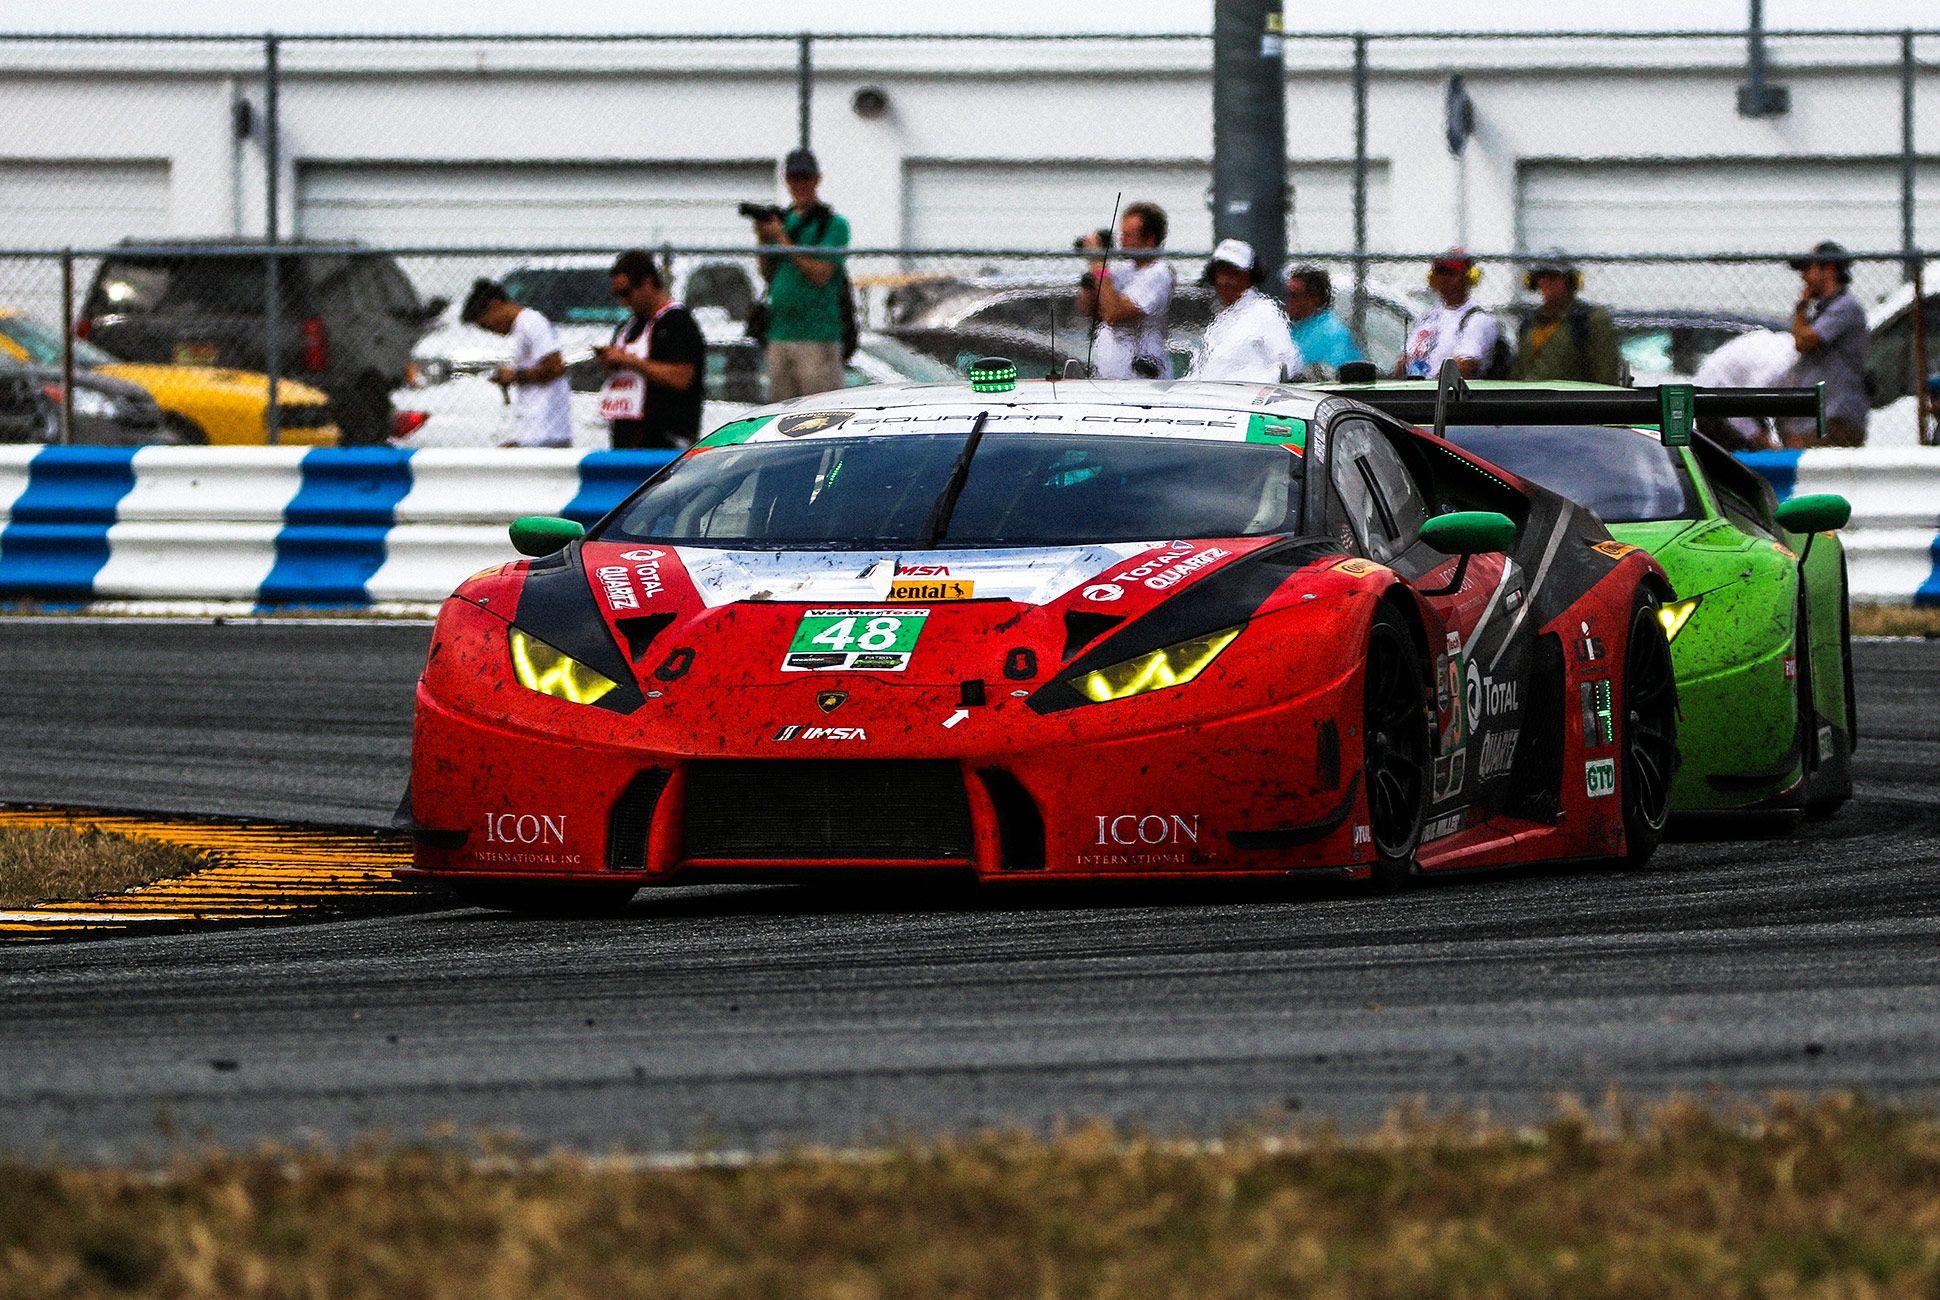 Best-Sports-Cars-of-2018-Daytona-24-Hours-gear-patrol-Lamborghini-Huracan-GT3-1